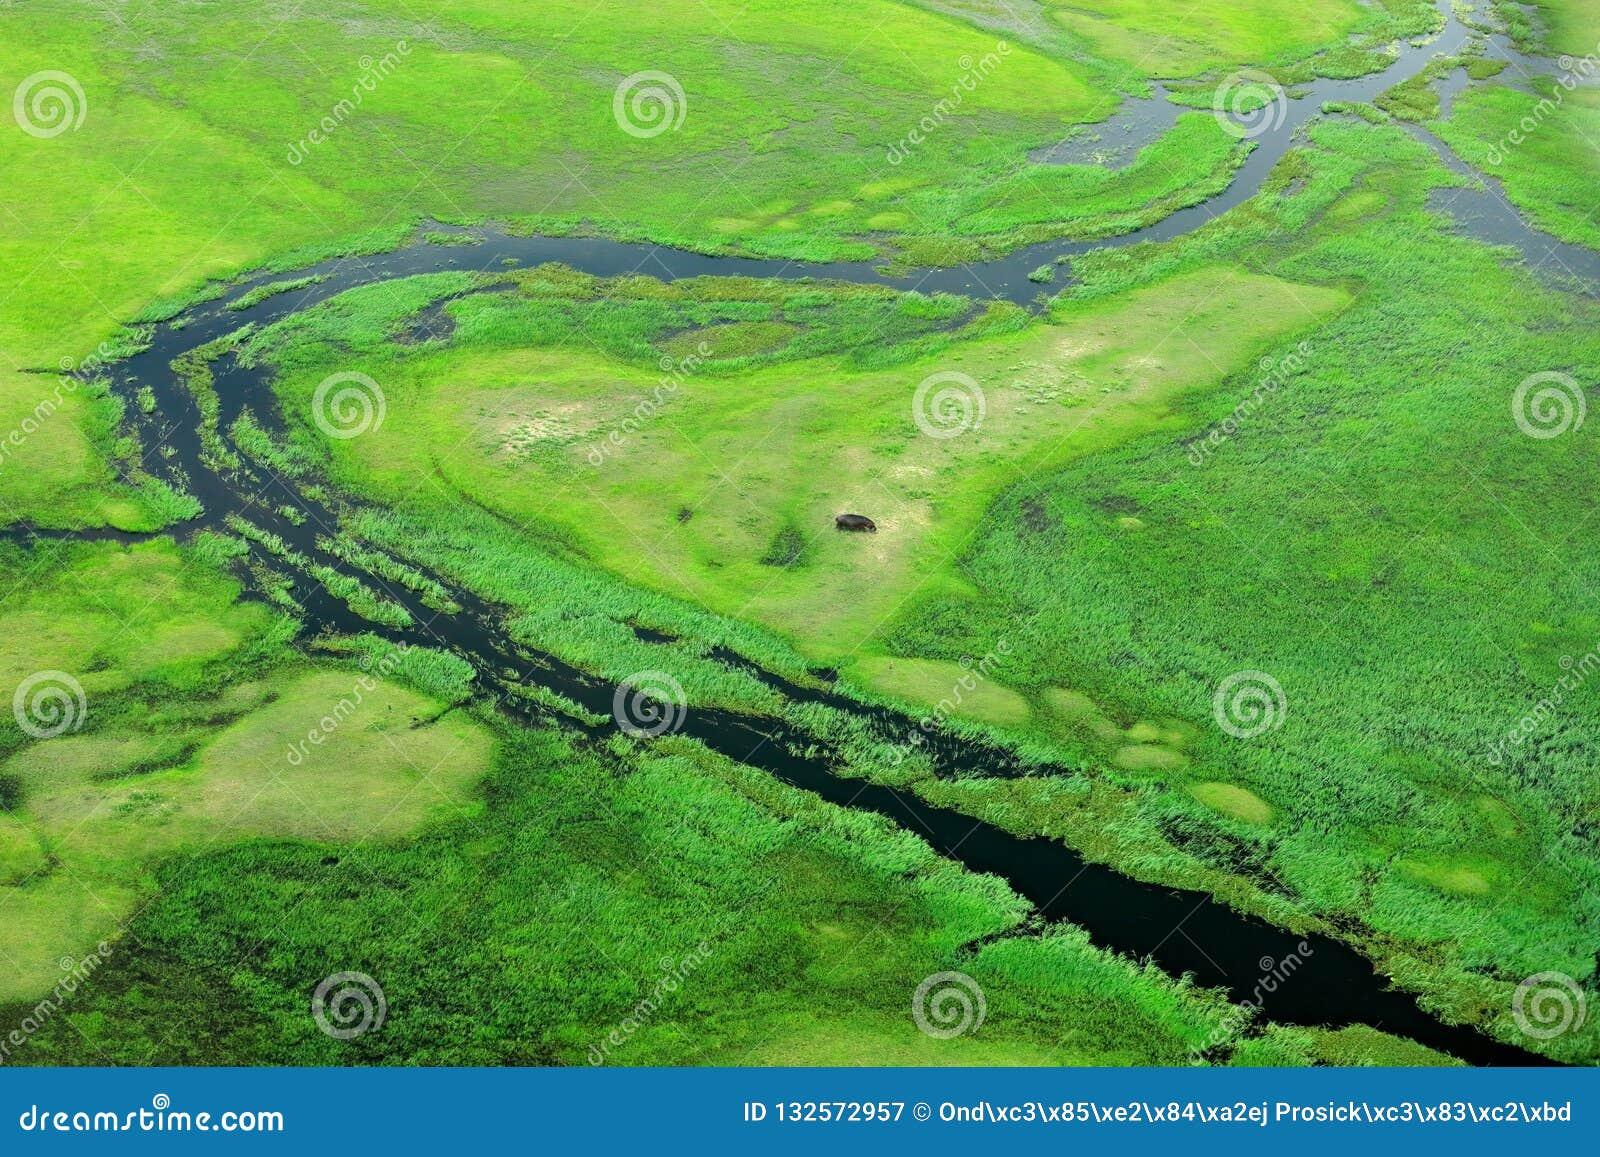 Hipopótamo escondido na vegetação verde Paisagem aérea no delta de Okavango, Botswana Lagos e rios, vista do avião Grama verde